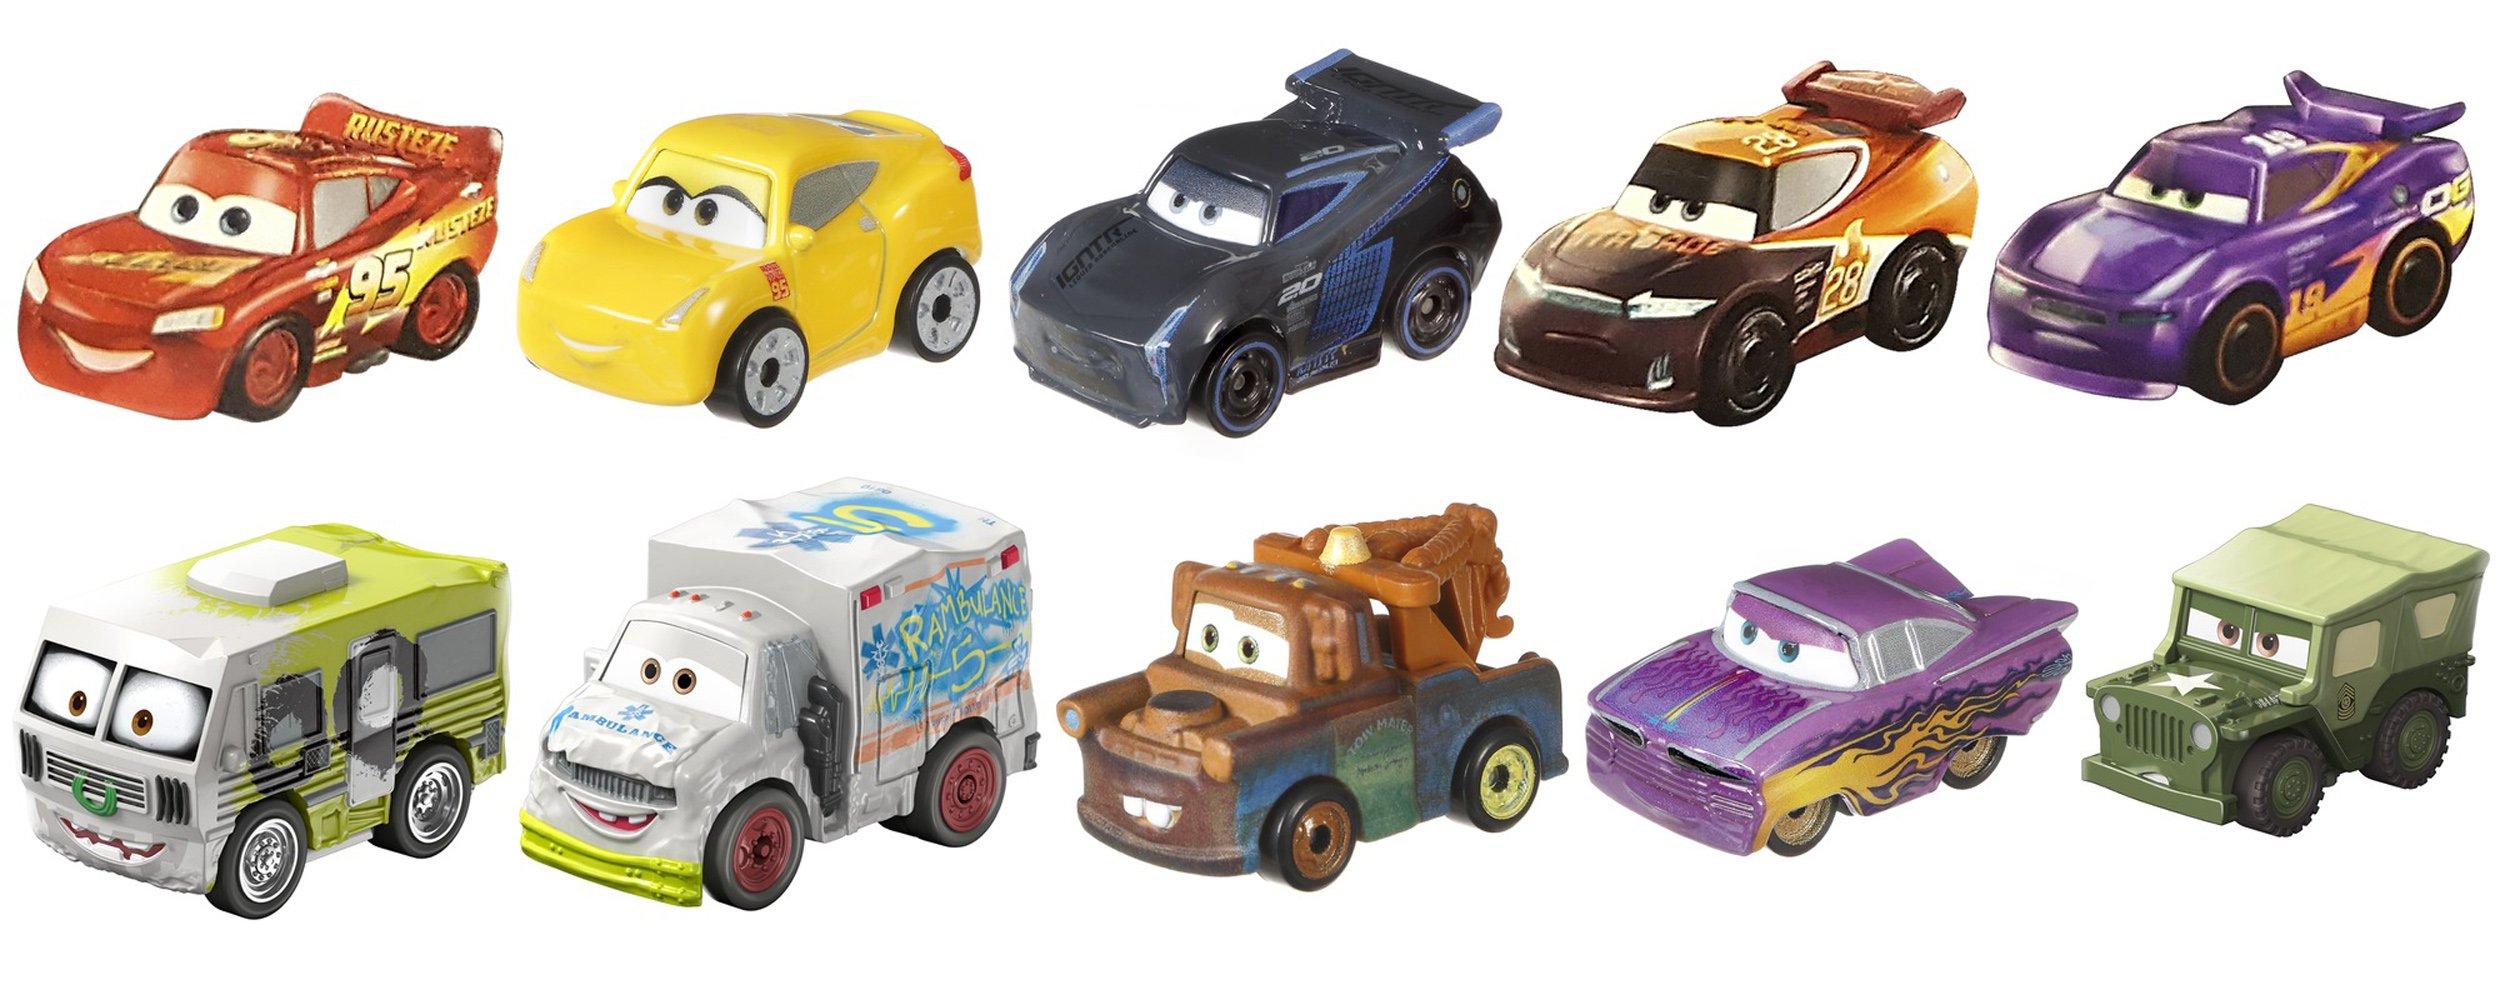 Disney Pixar Cars Mini Racers, 10 Pack